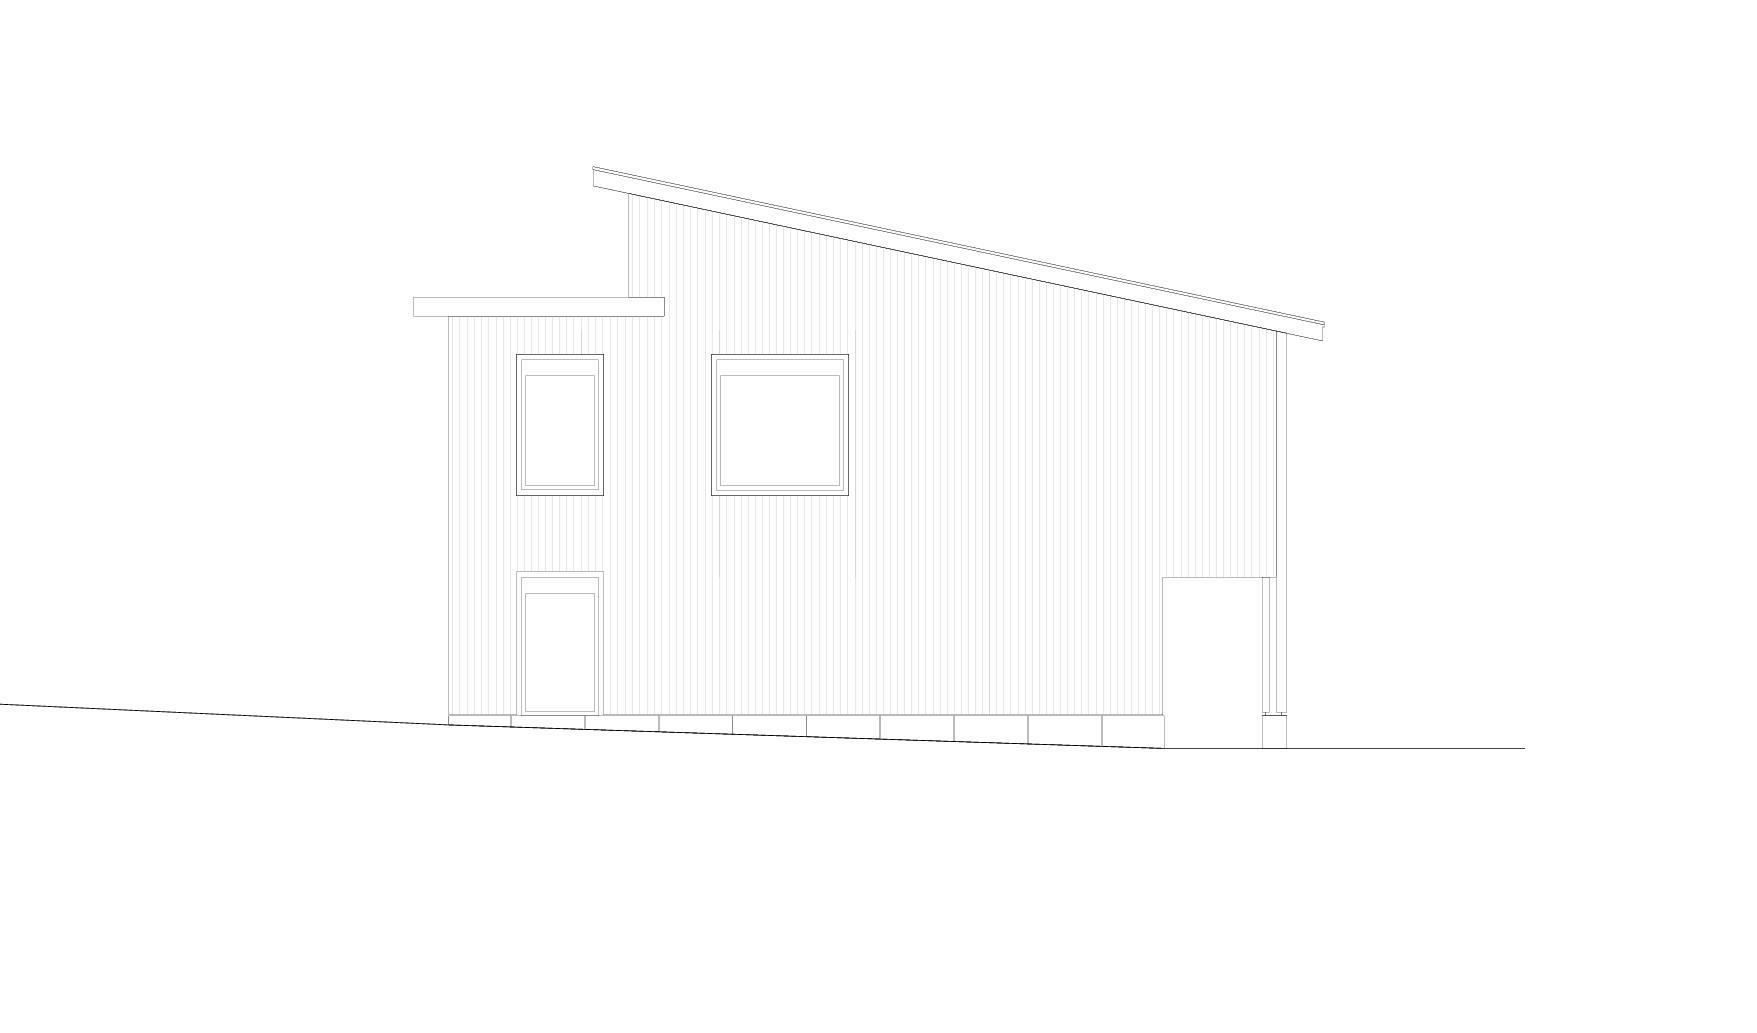 Westfassade  Schulhaus Alp II, Wangen b. Olten von werk1 architekten und planer ag